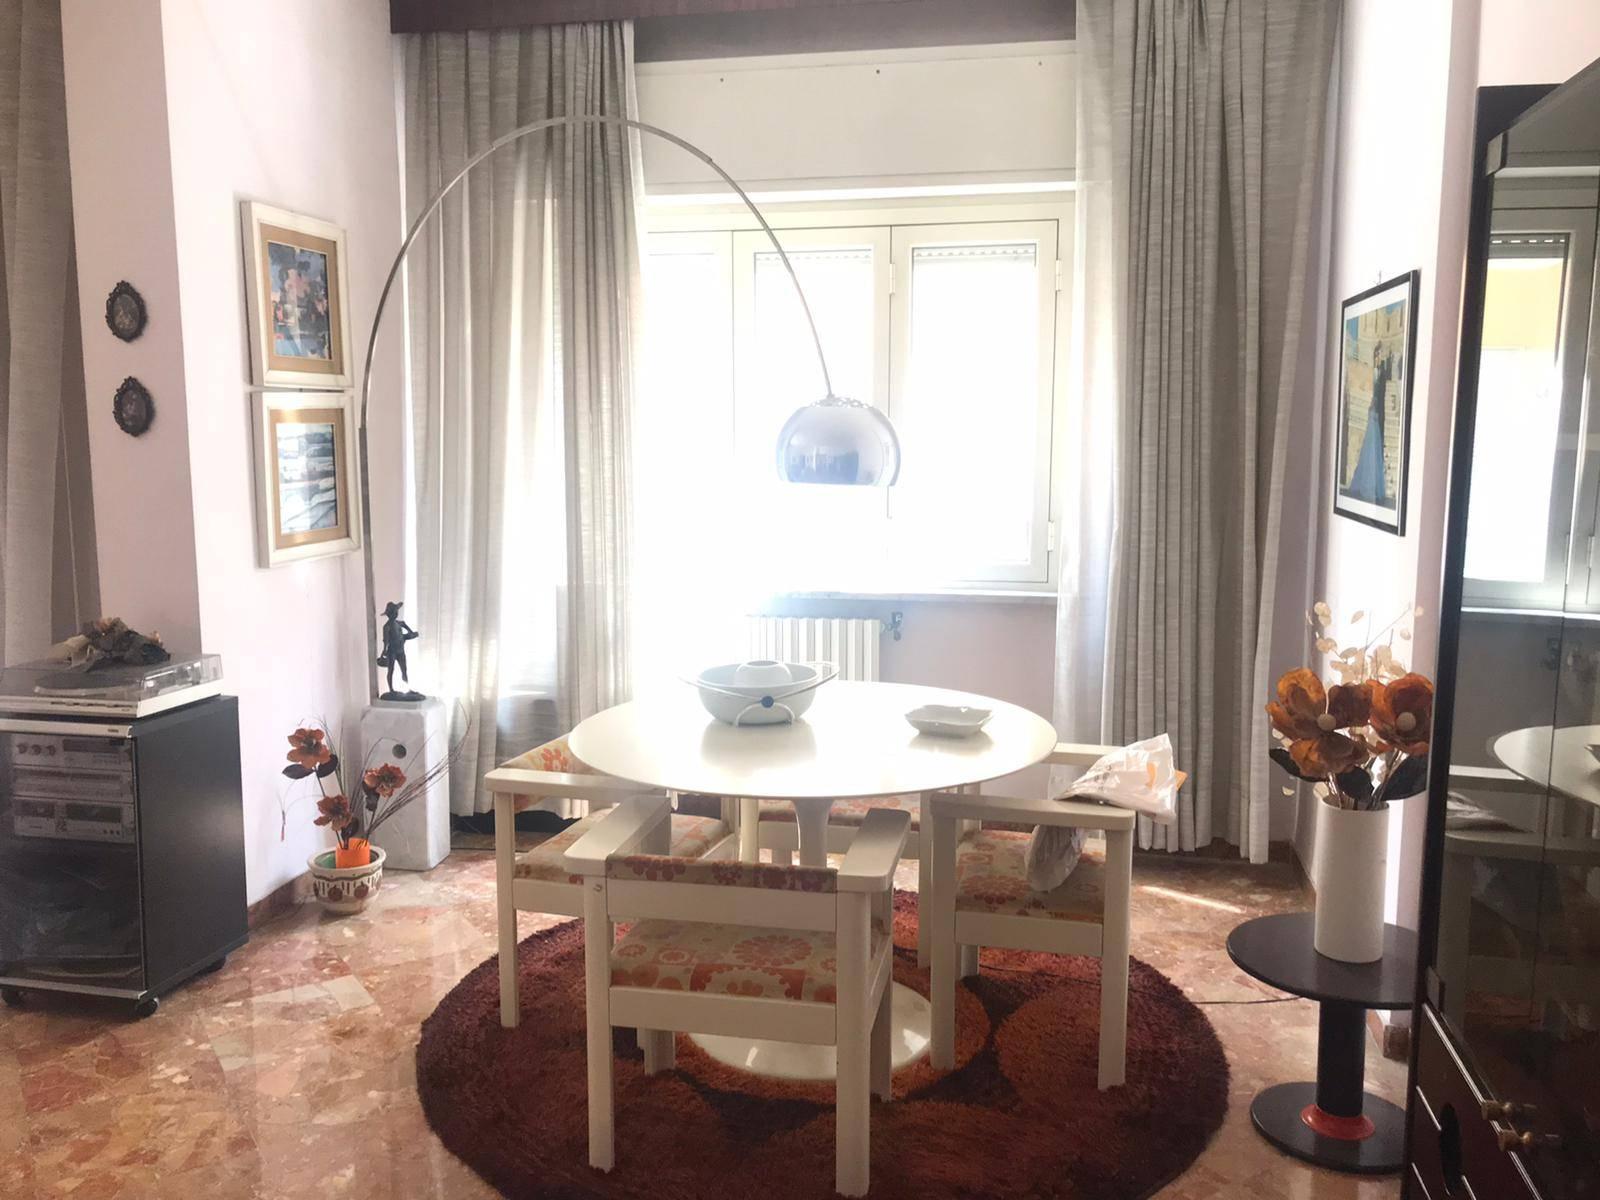 Appartamento in vendita a Benevento, 4 locali, zona Zona: Mellusi/Atlantici, prezzo € 176.000 | CambioCasa.it